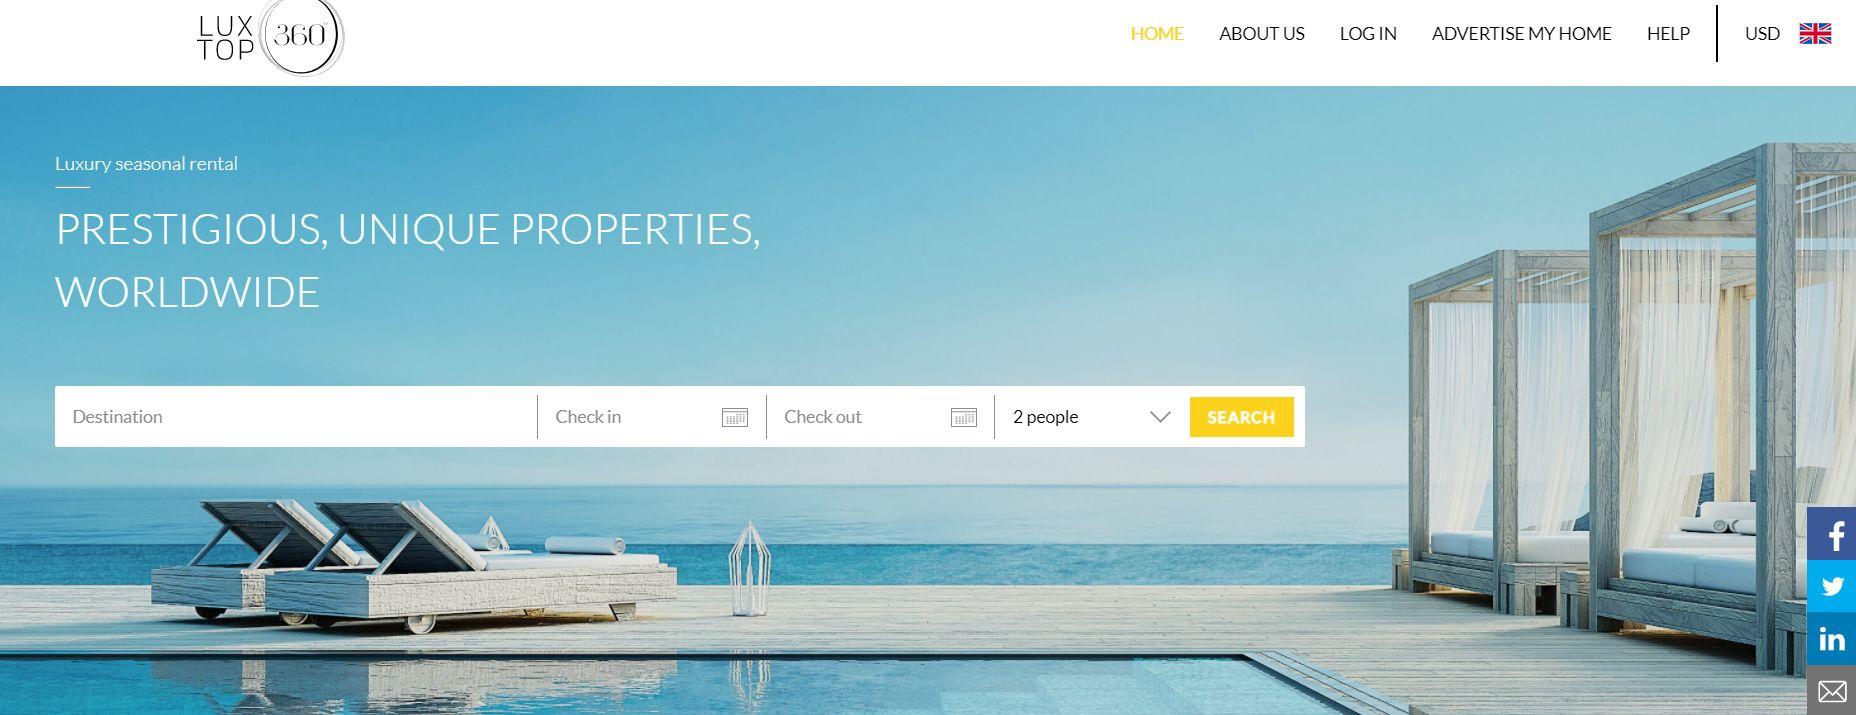 Luxtop sajt za smještaj